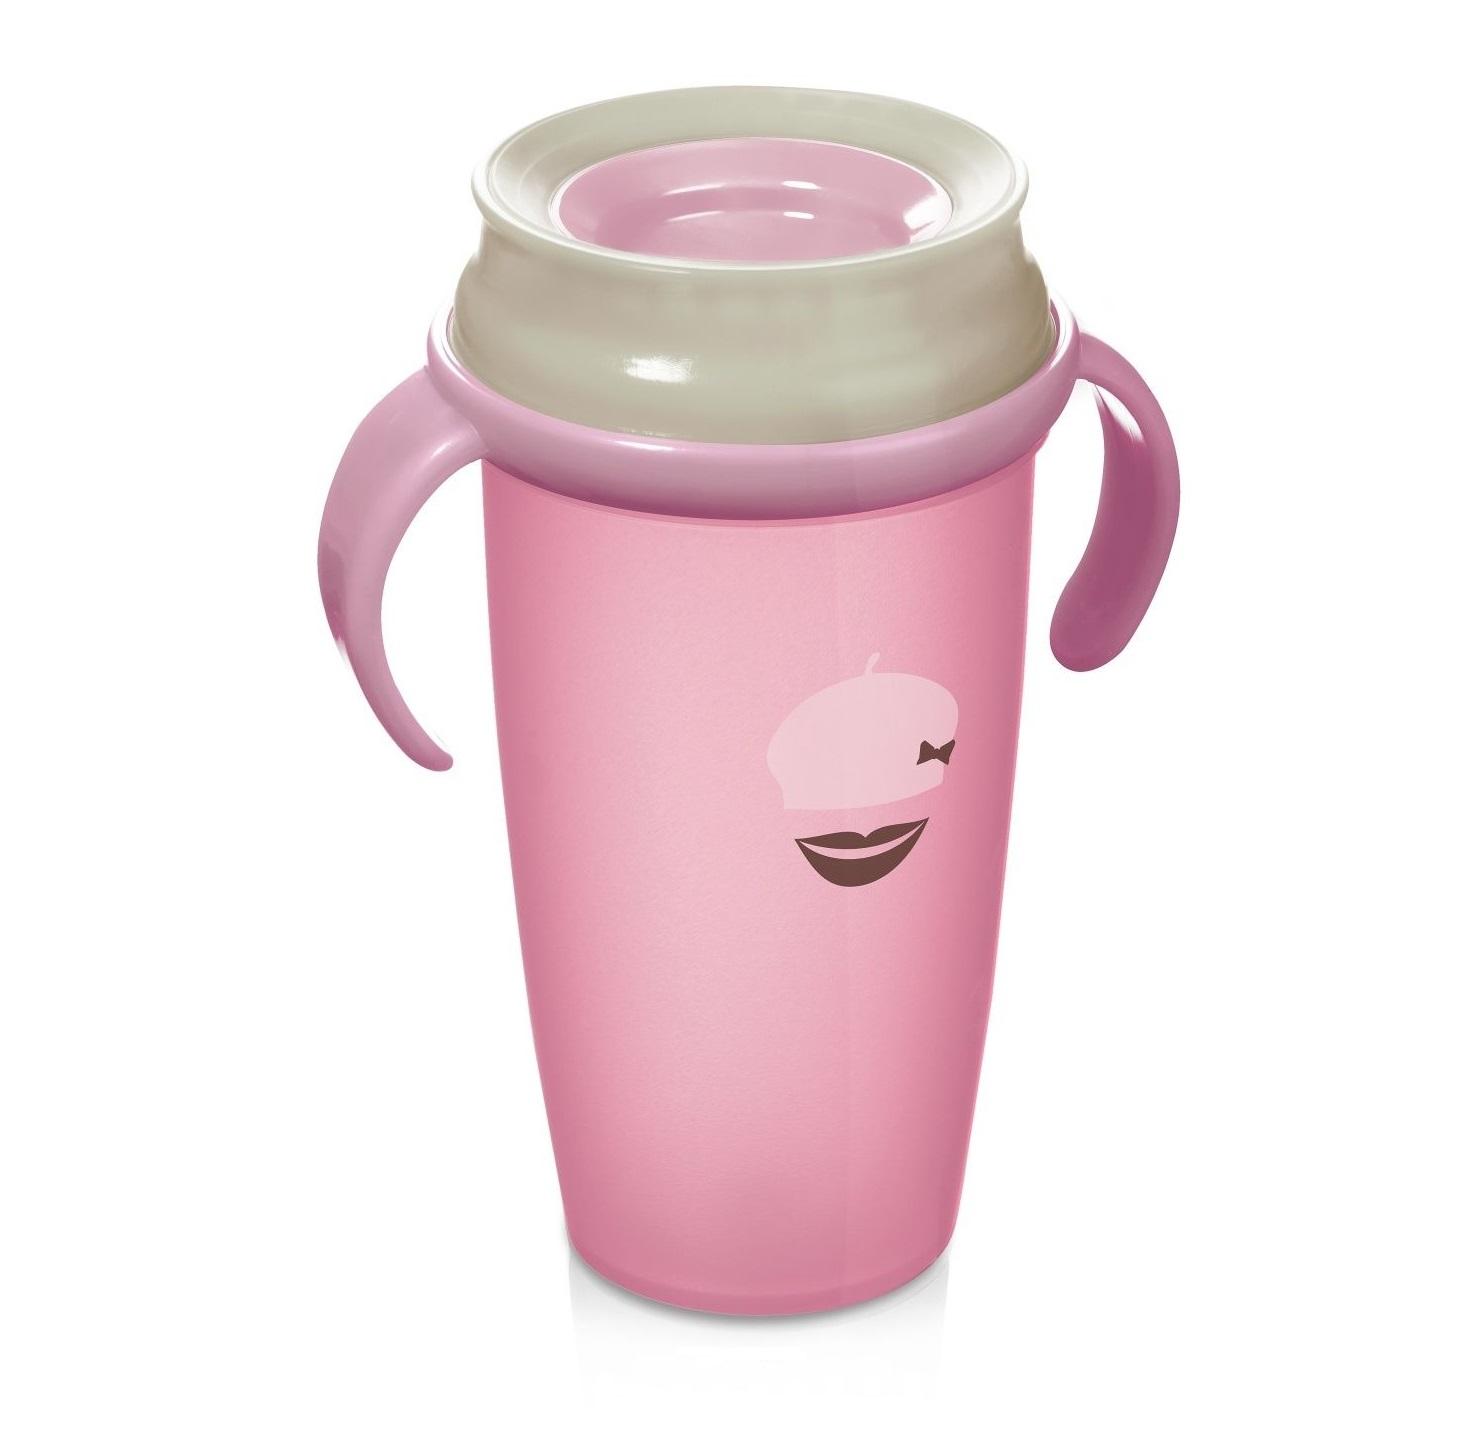 Cana retro cu toarte Lovi 360 Junior roz deschis 350 ml imagine hippoland.ro